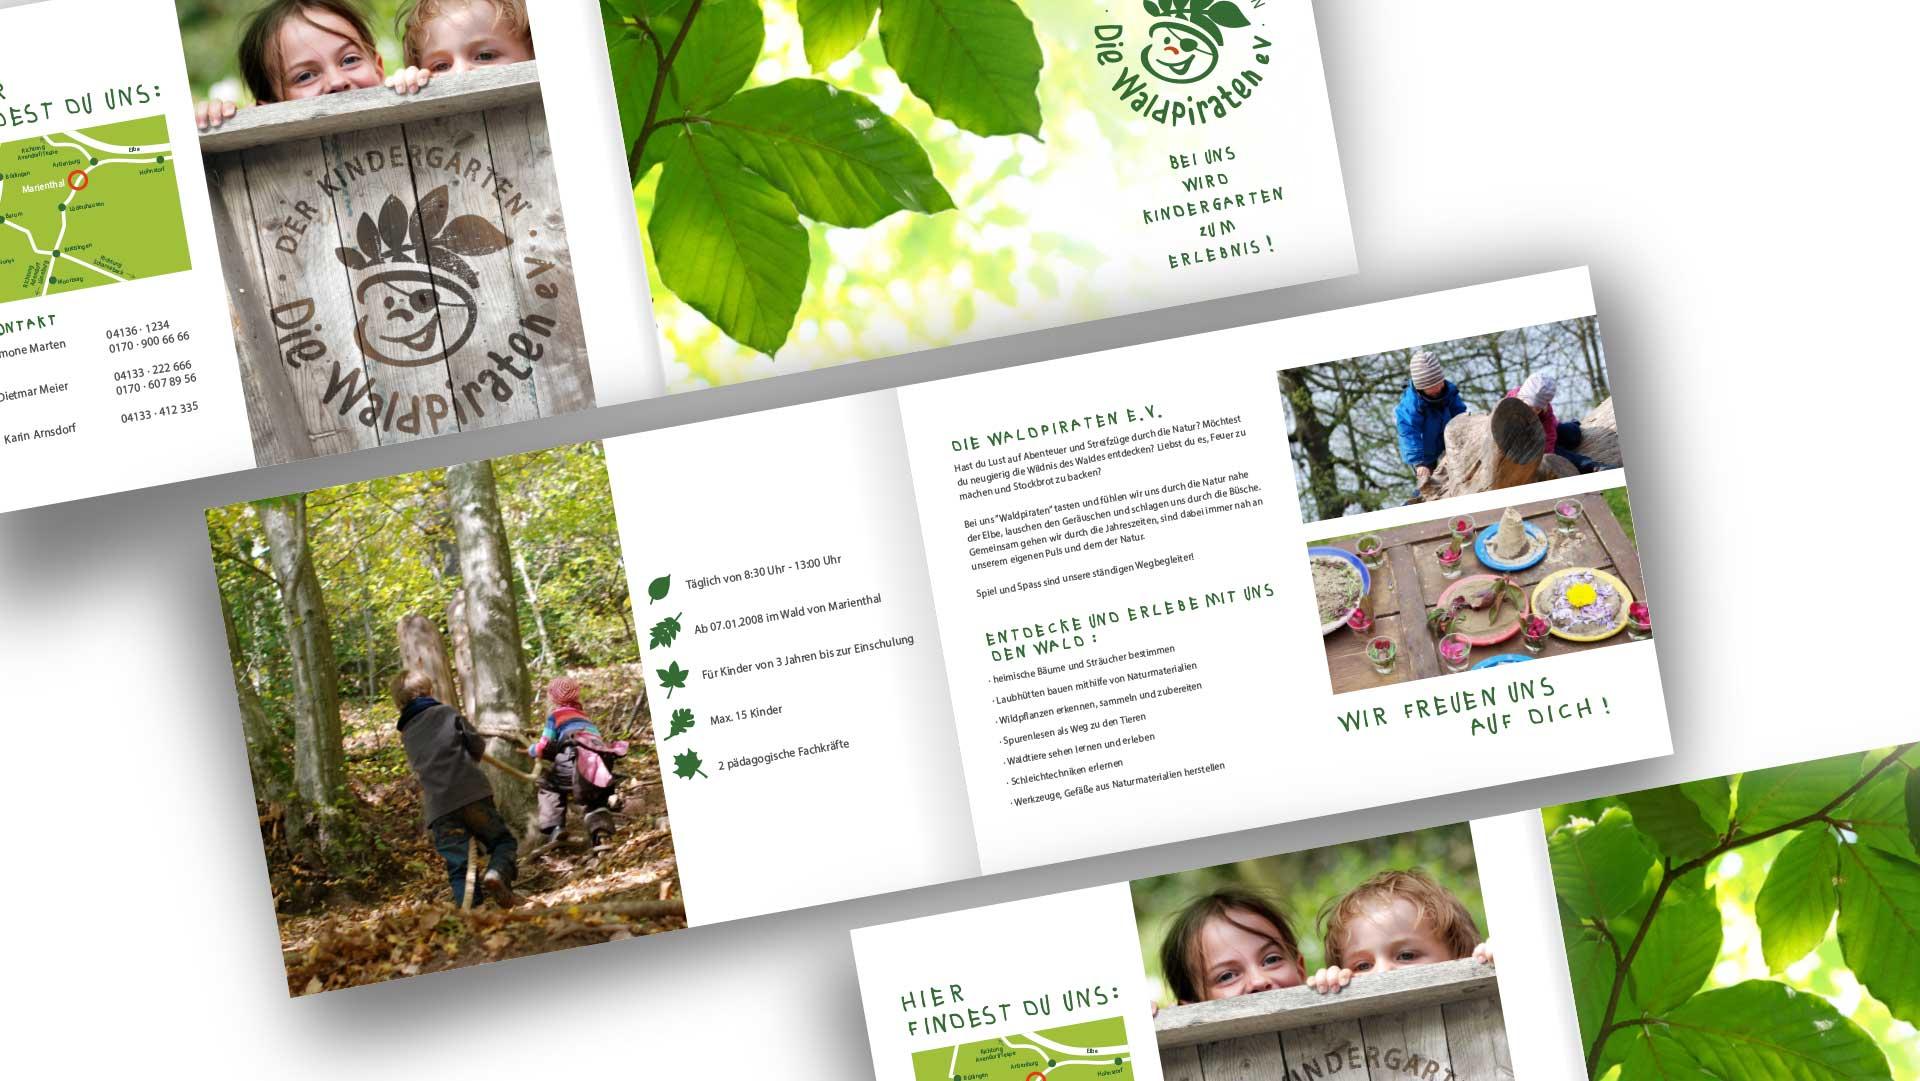 Innenseite der Informationsbroschüre des Kindergartens Die Waldpiraten mit Fotos im Wald spielender Kinder sowie informativem Text